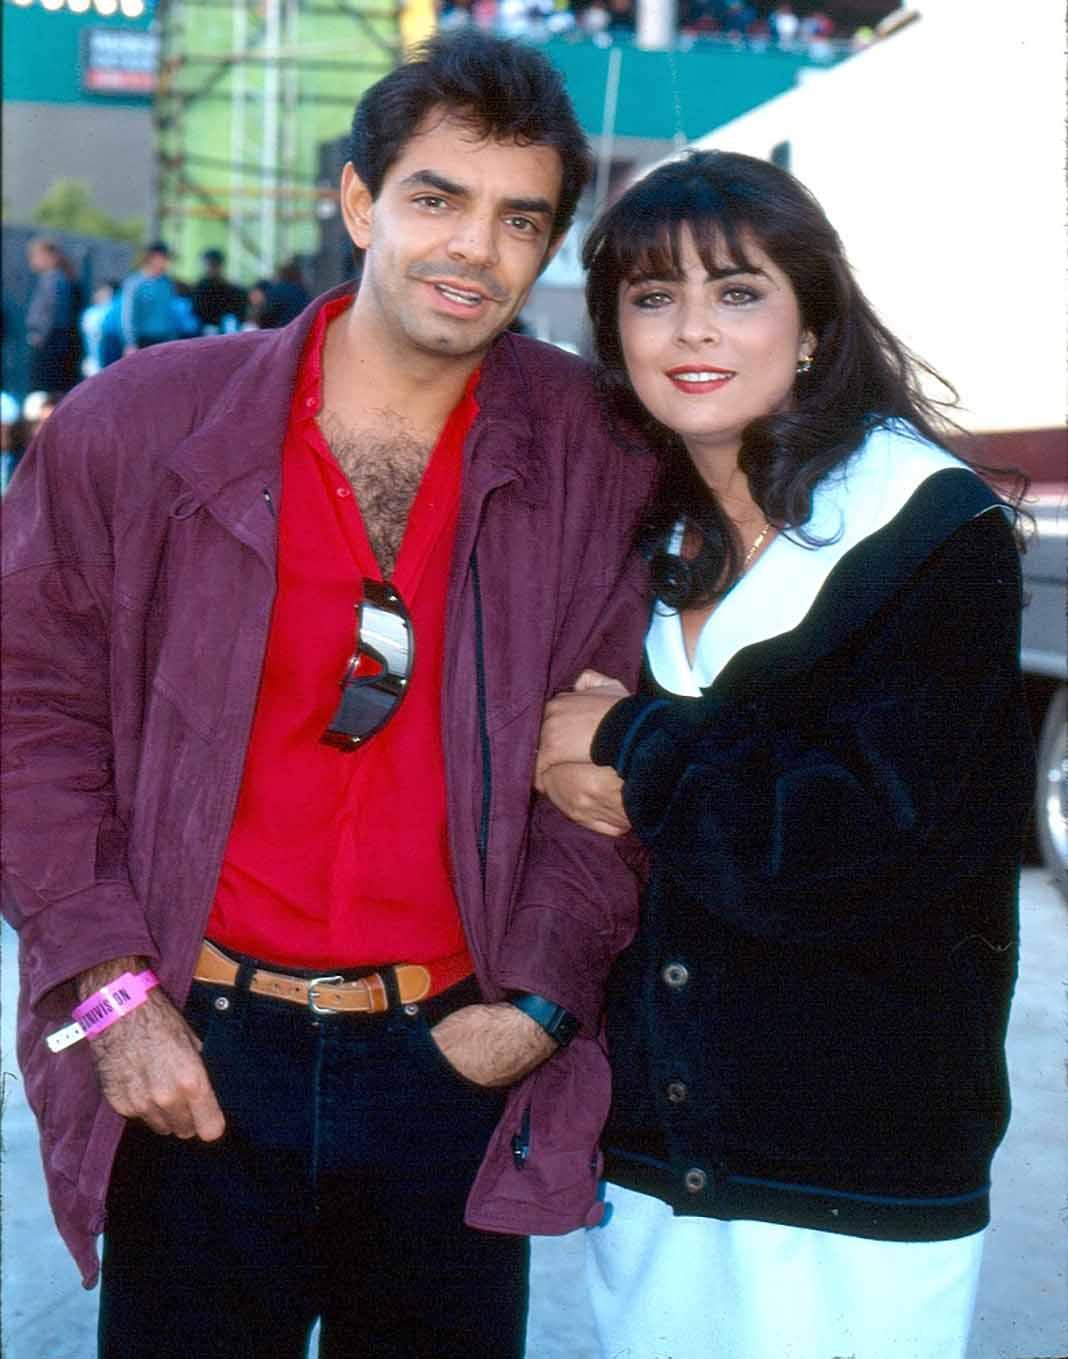 """Eugenio Derbez y Victoria Ruffo """"se casaron"""" en 1992 en una ceremonia que resultó simbólica"""